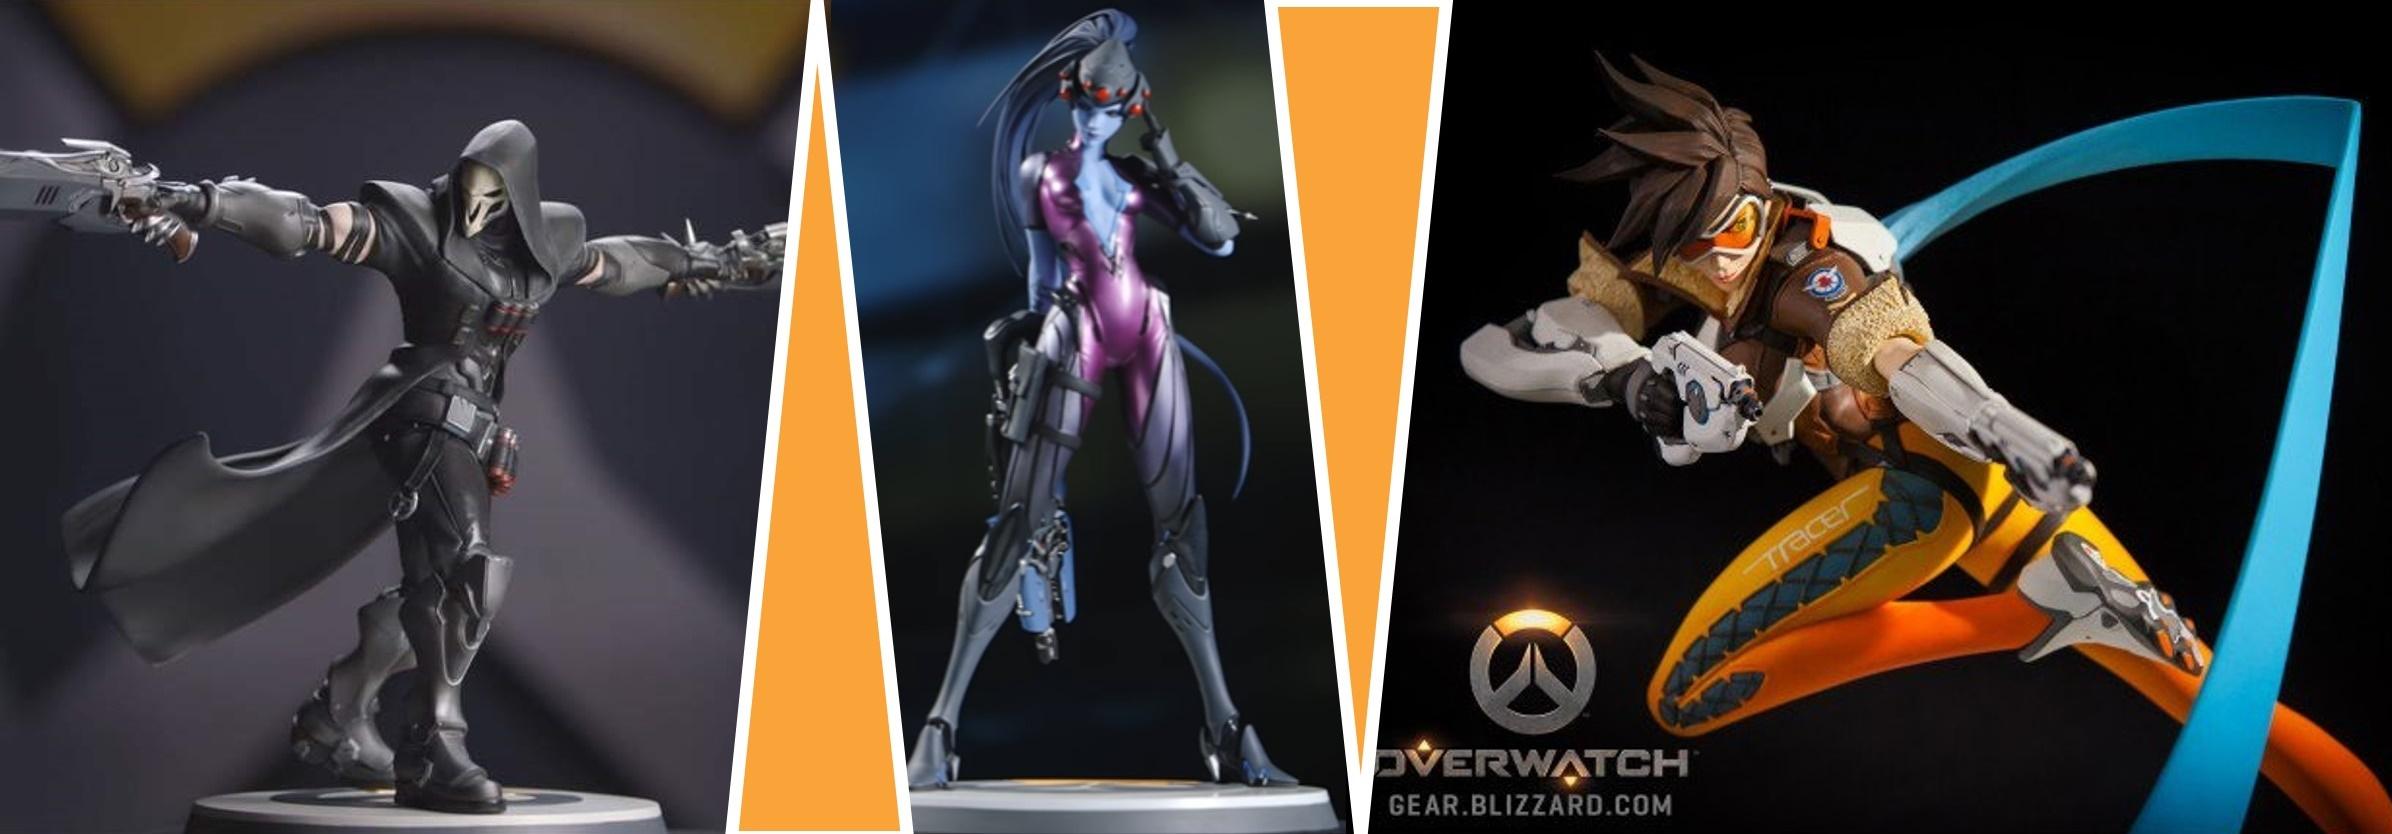 Reaper, Widowmaker und Tracer sind die ersten drei Figuren für Zuhause. Quelle: Einzelbilder: Gear.Bizzard.com